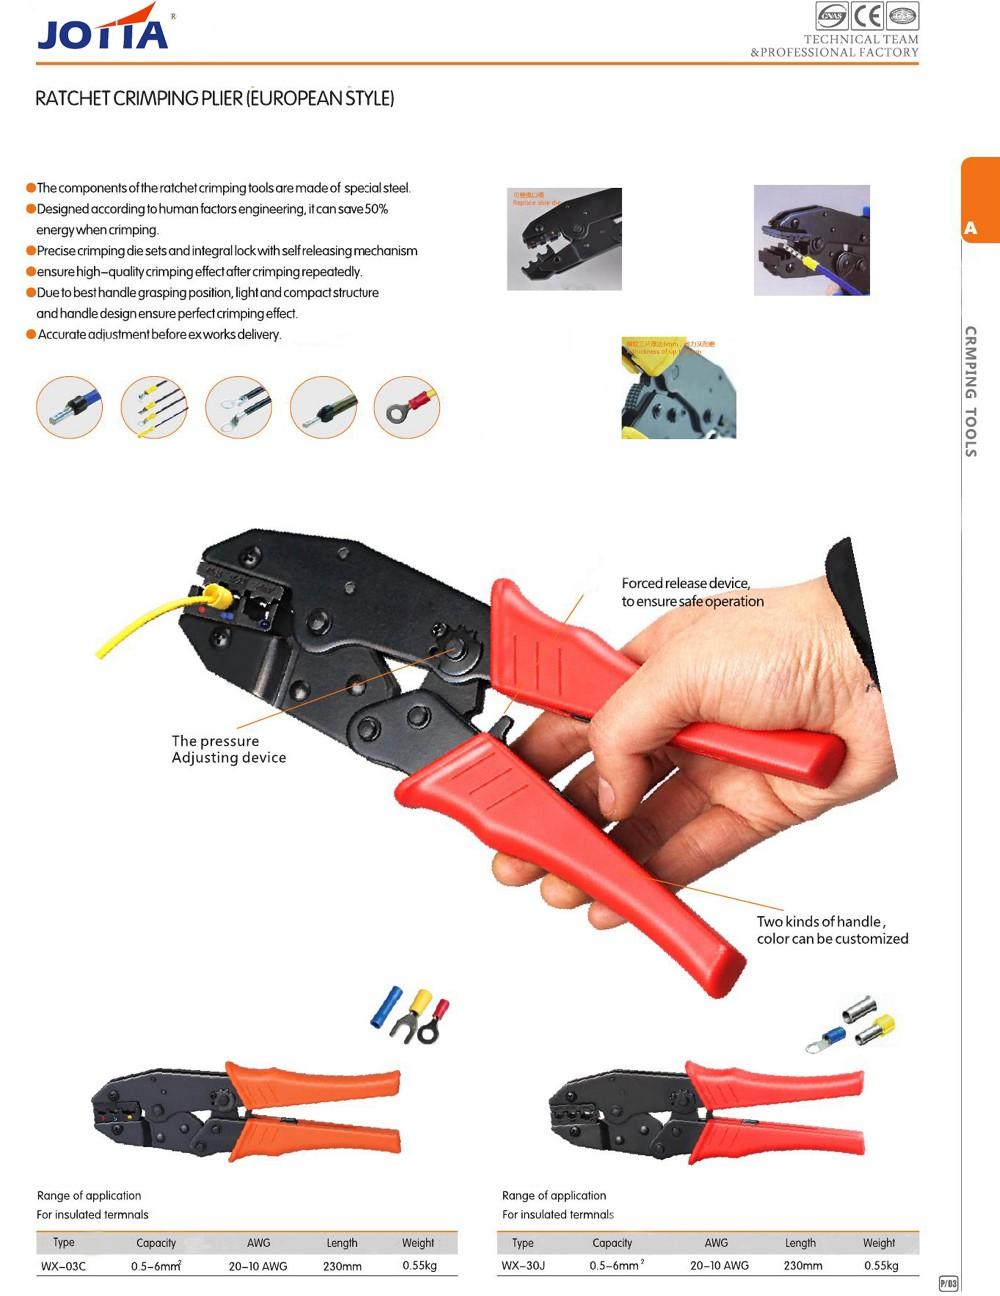 Ratchet Crimping Plier (Eur)4 B